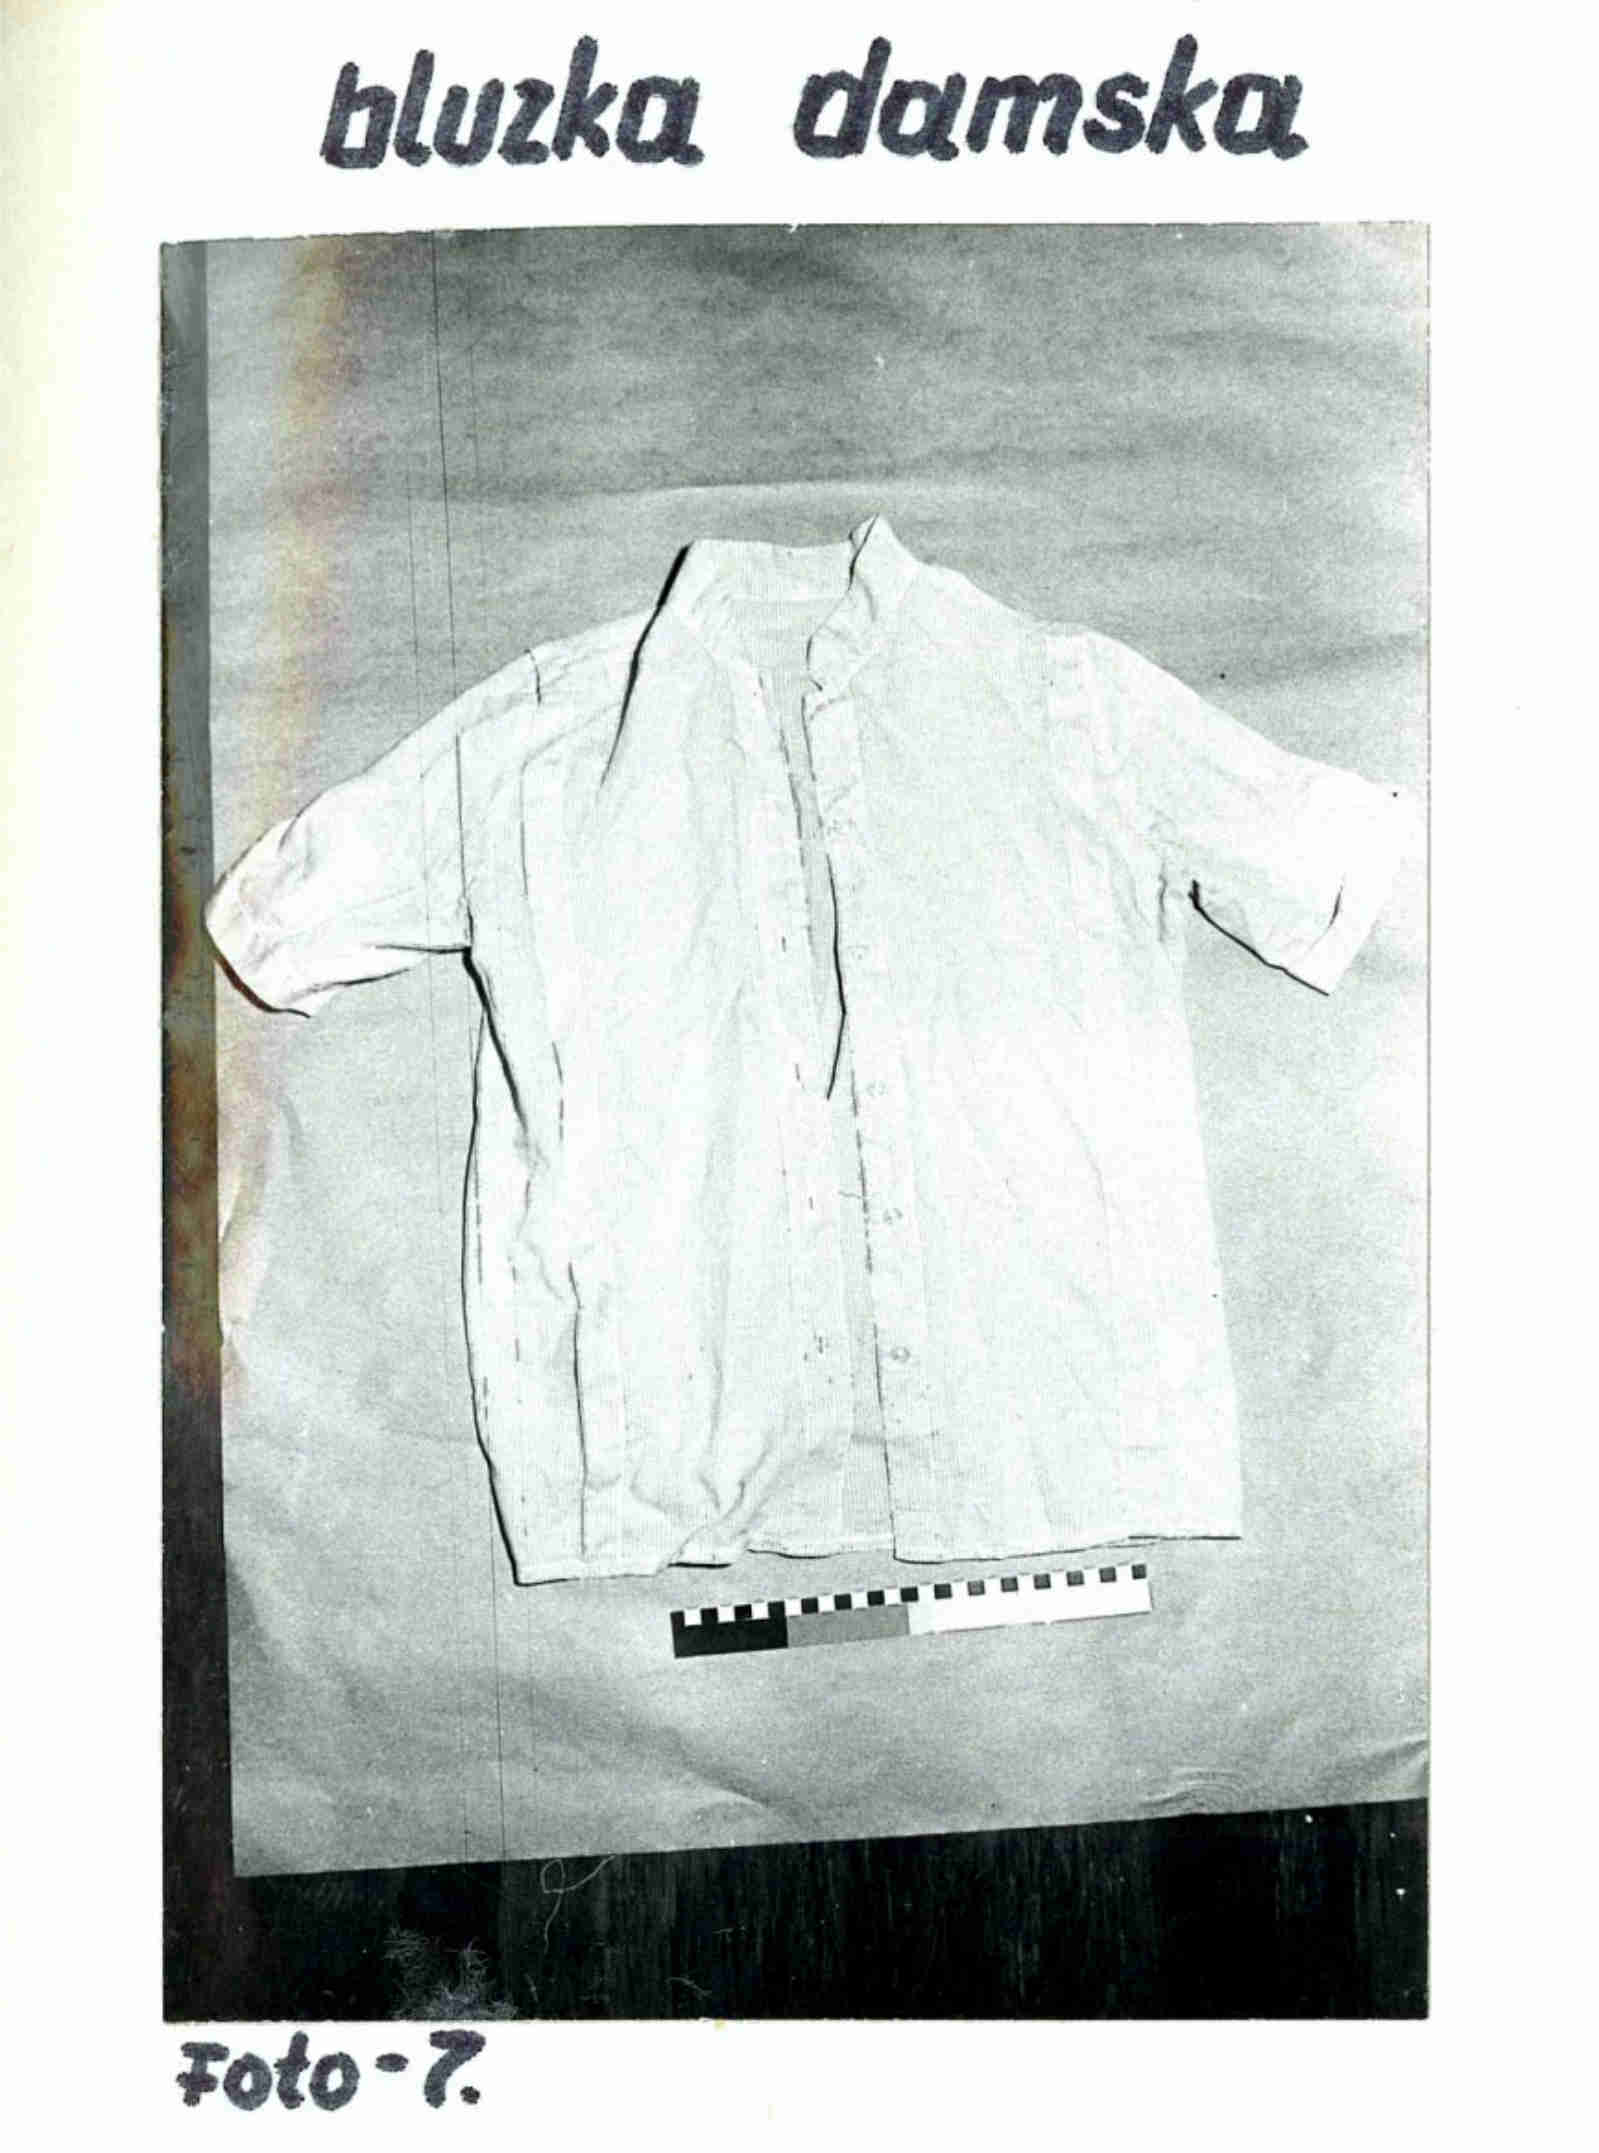 Bluzka damska - fot. Prokuratura Okręgowa w Zielonej Górze